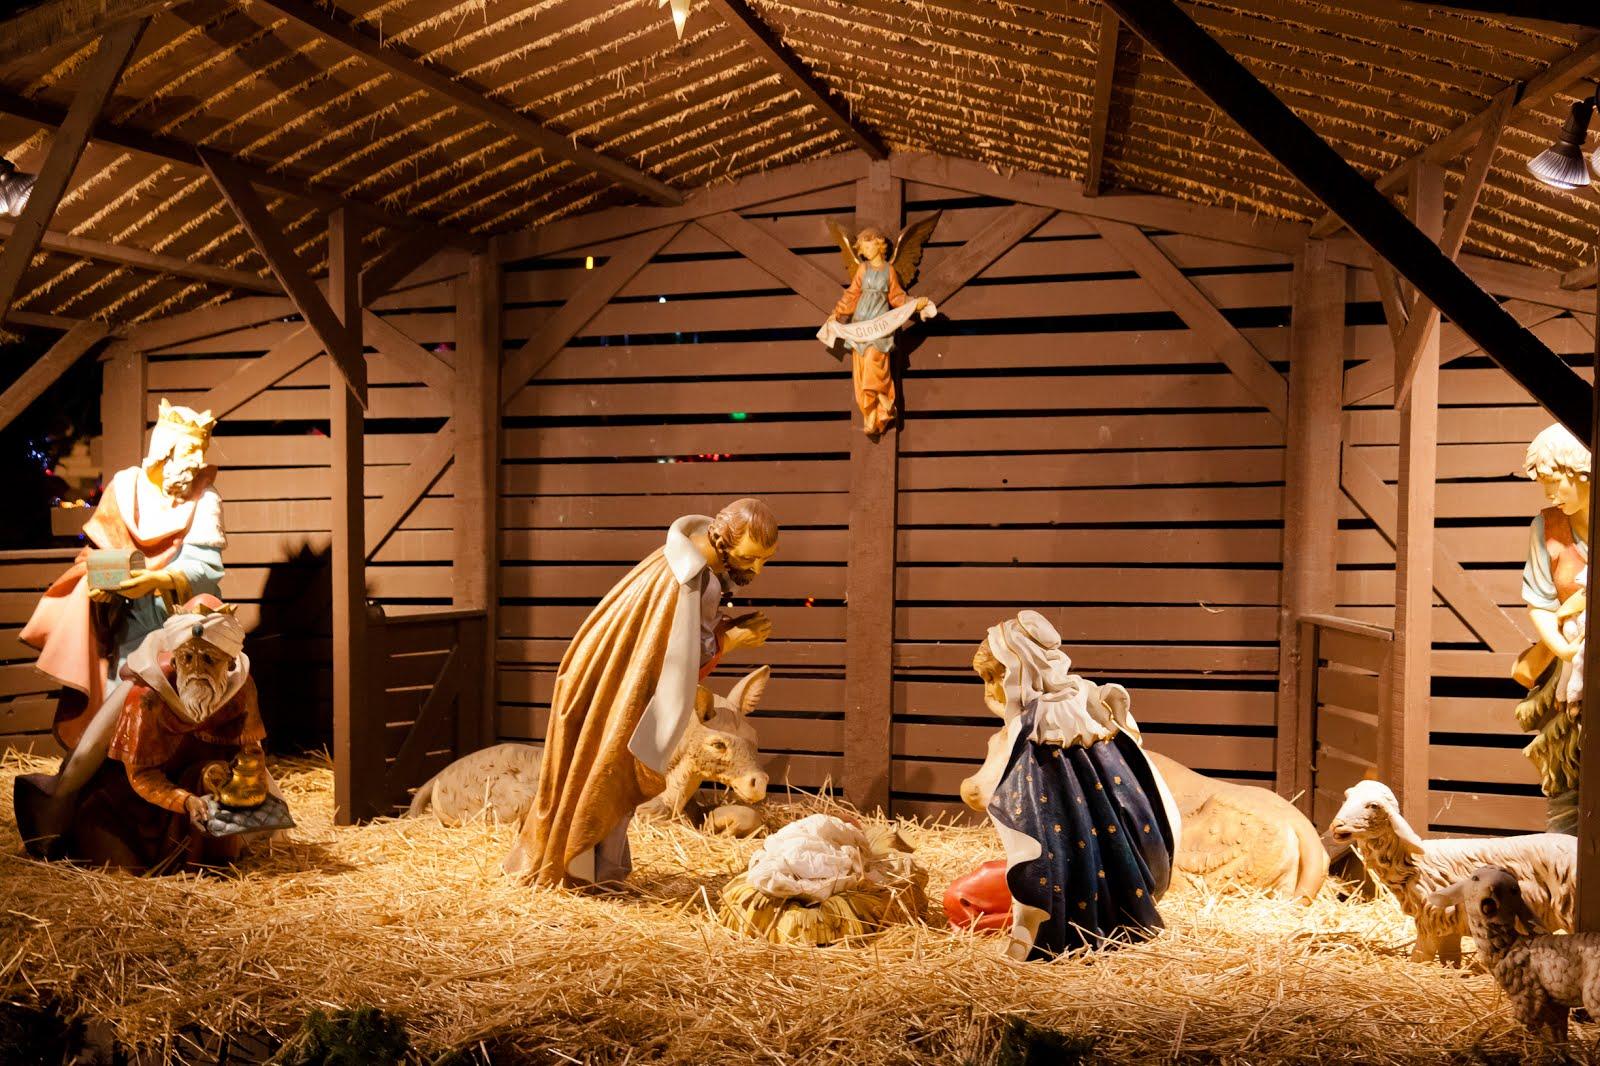 Nacimiento-de-Jesus-en-el-pesebre-con-Maria-y-Jose-en-Navidad